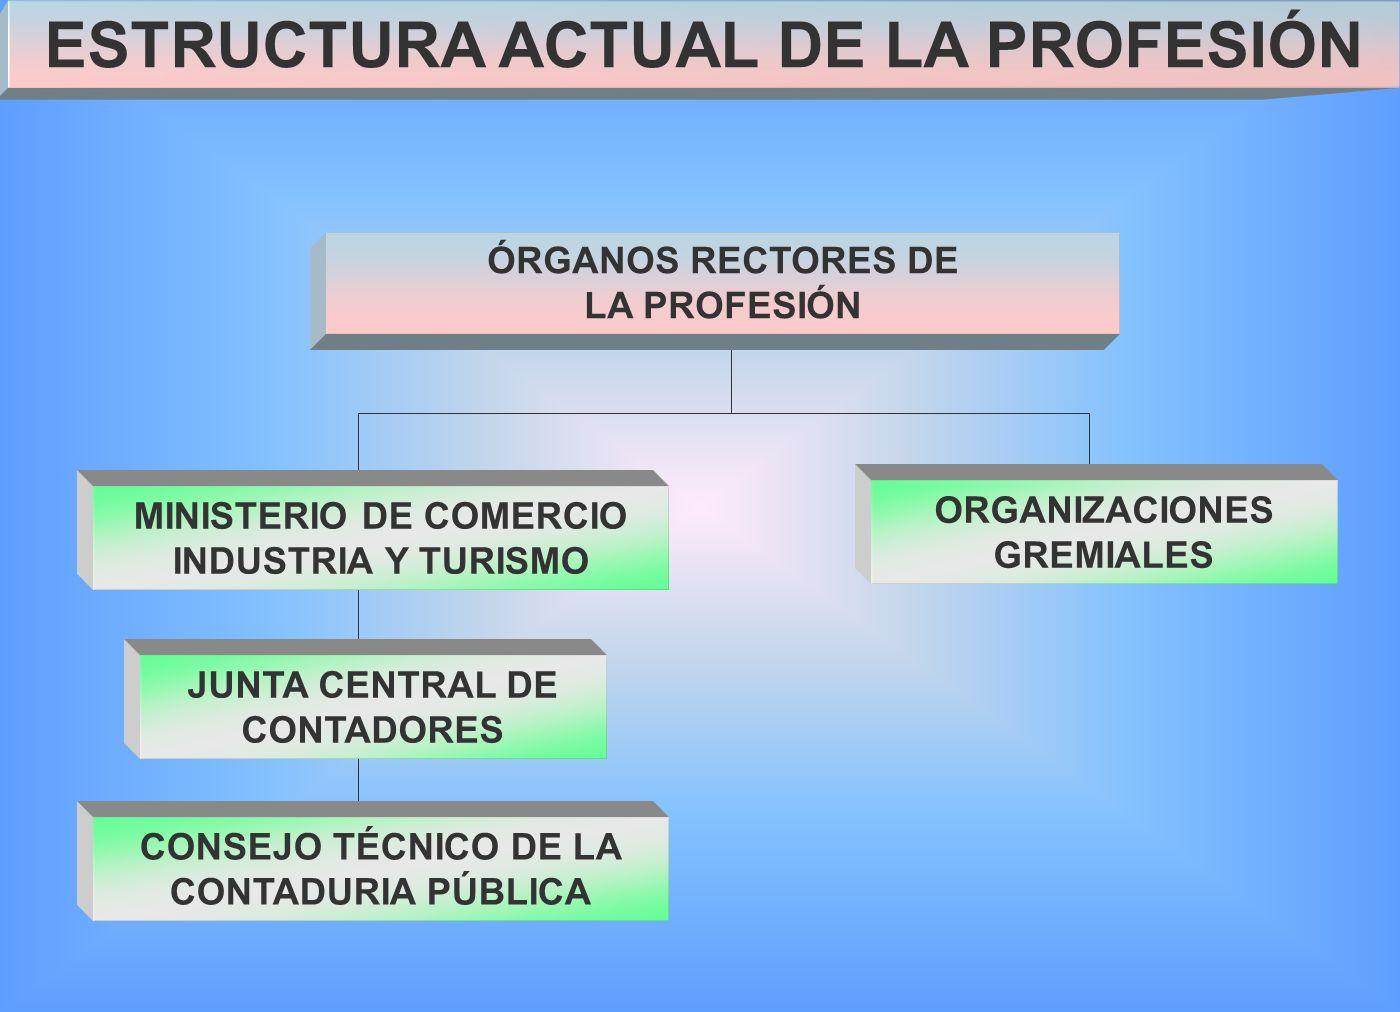 ÓRGANOS RECTORES DE LA PROFESIÓN MINISTERIO DE COMERCIO INDUSTRIA Y TURISMO JUNTA CENTRAL DE CONTADORES CONSEJO TÉCNICO DE LA CONTADURIA PÚBLICA ORGANIZACIONES GREMIALES ESTRUCTURA ACTUAL DE LA PROFESIÓN